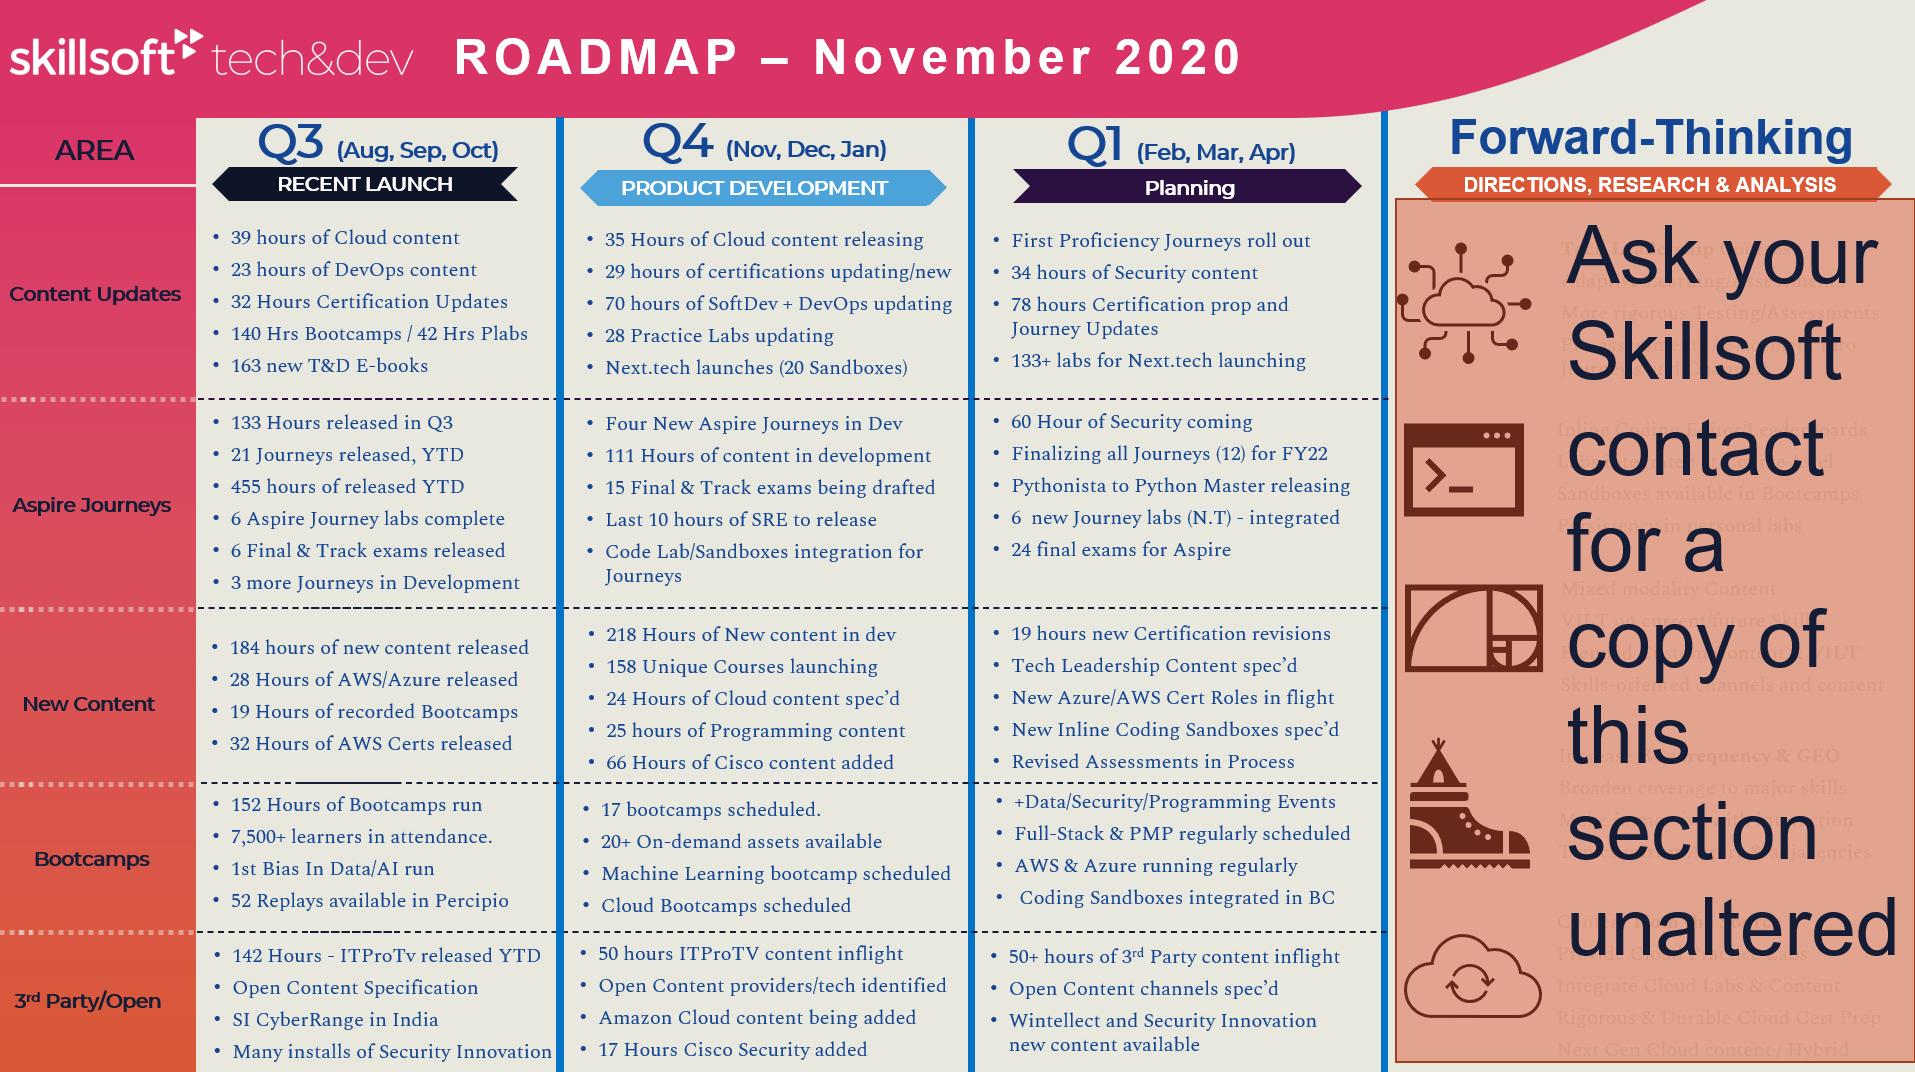 Tech & Dev Roadmap - 90-Day Window